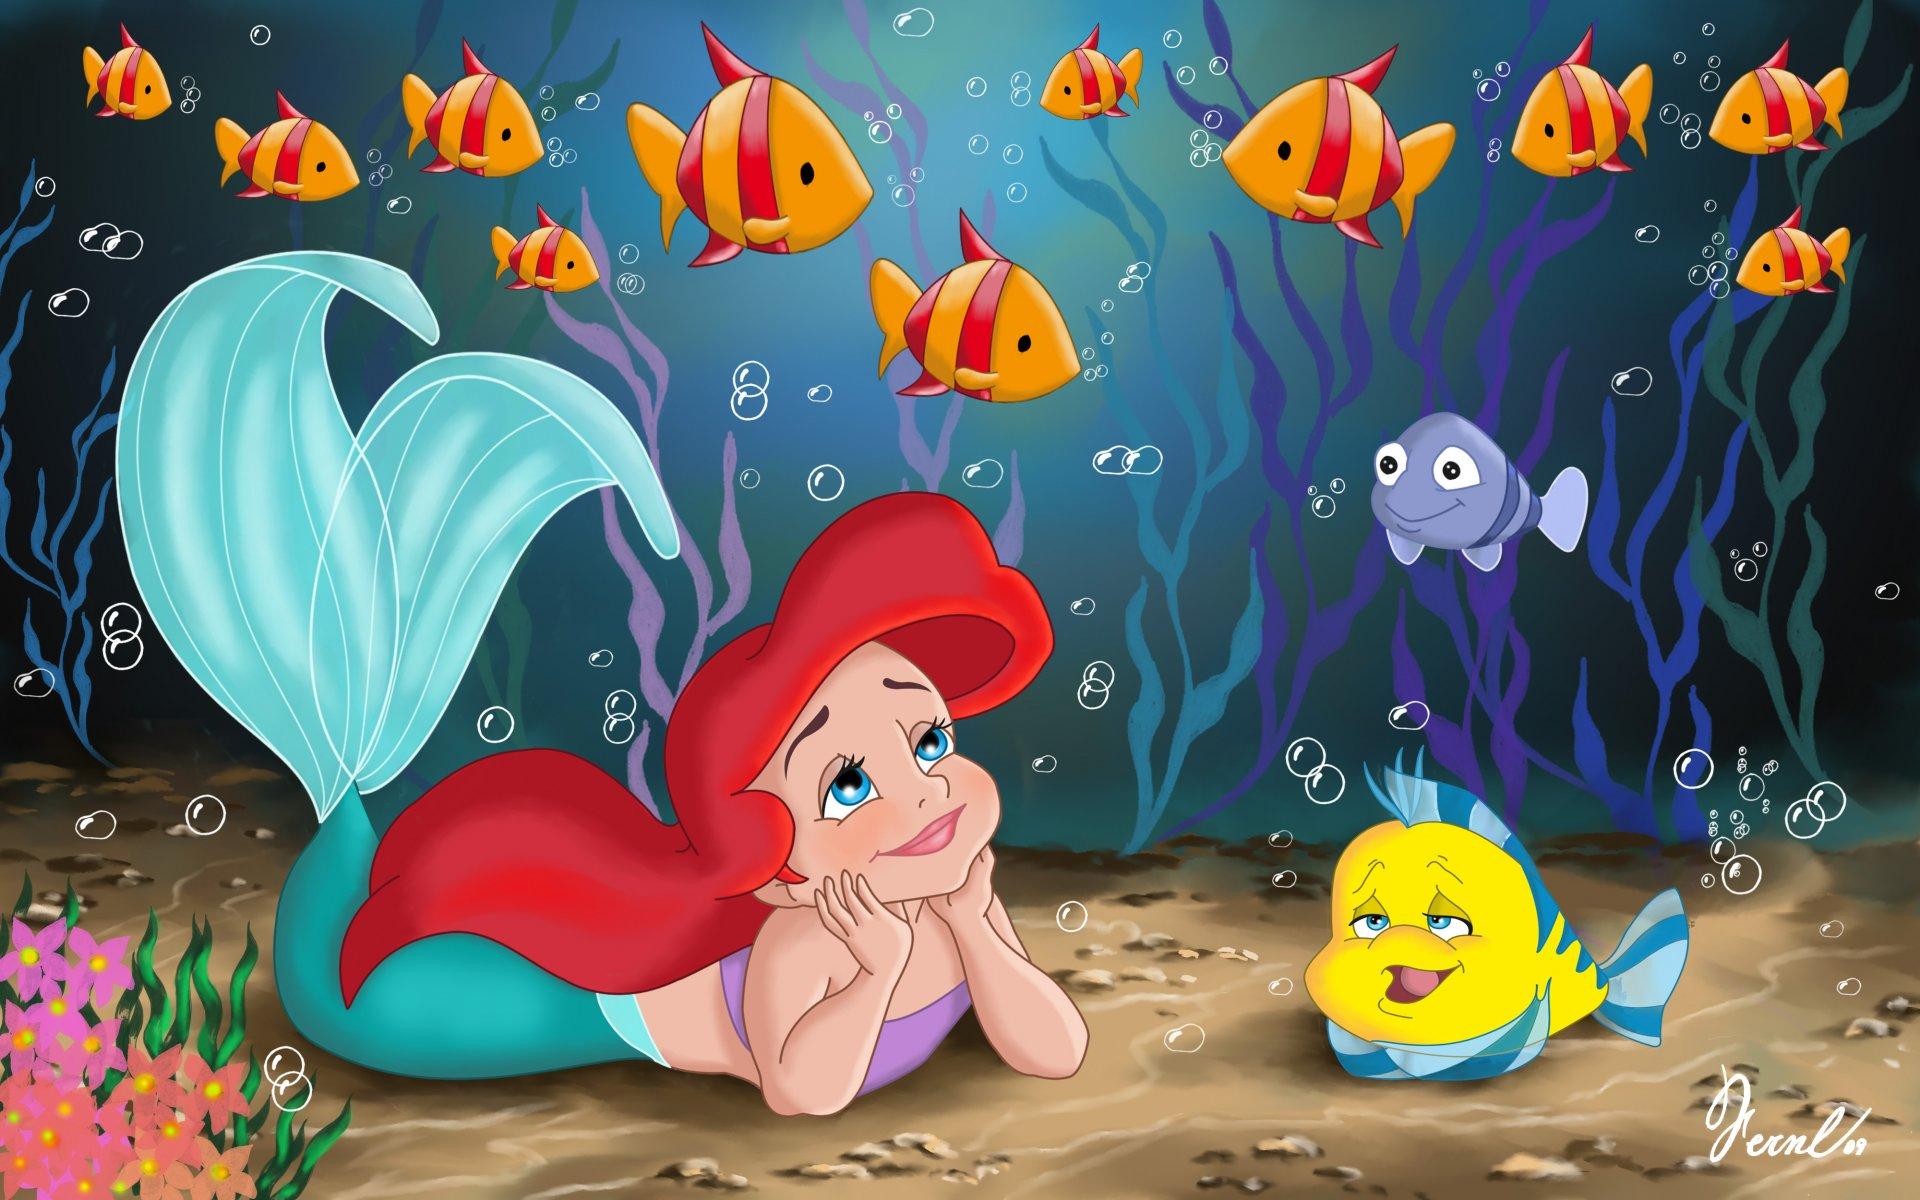 русалочка кино уолт дисней фанарт детство принцесса ариэль море рыба  симпатичный ребенок сказка маленькая русалочка мультфильм русалка прелесть  рыба-луна рыбки водоросли HD обои для ноутбука